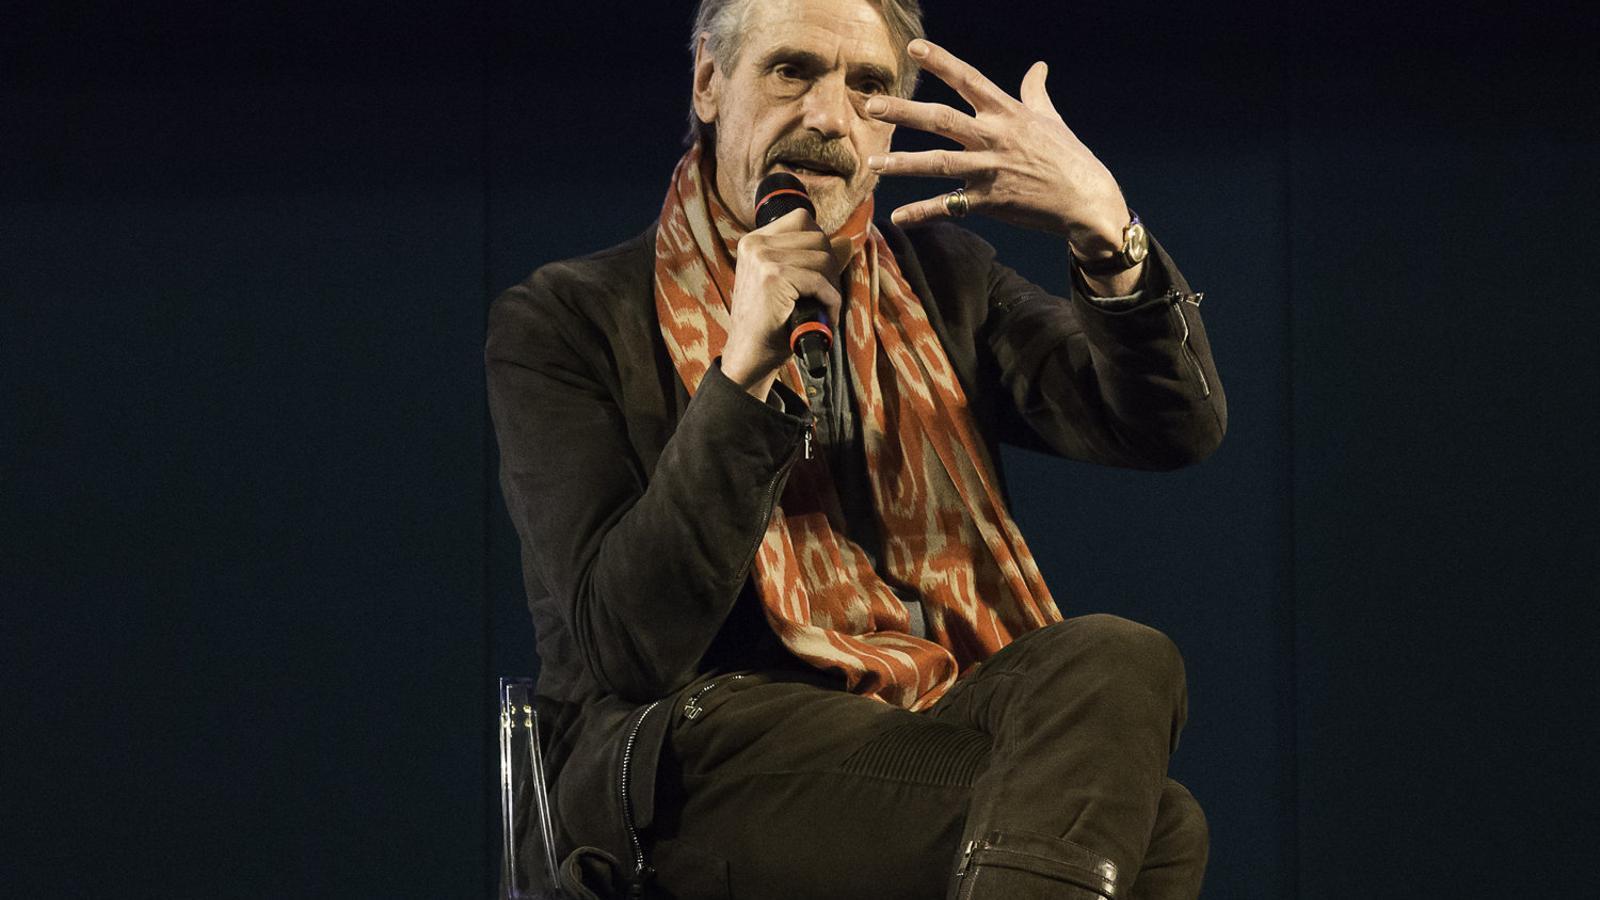 L'intèrpret Jeremy Irons va ser un dels homenatjats de la setzena edició del Premi Europa.